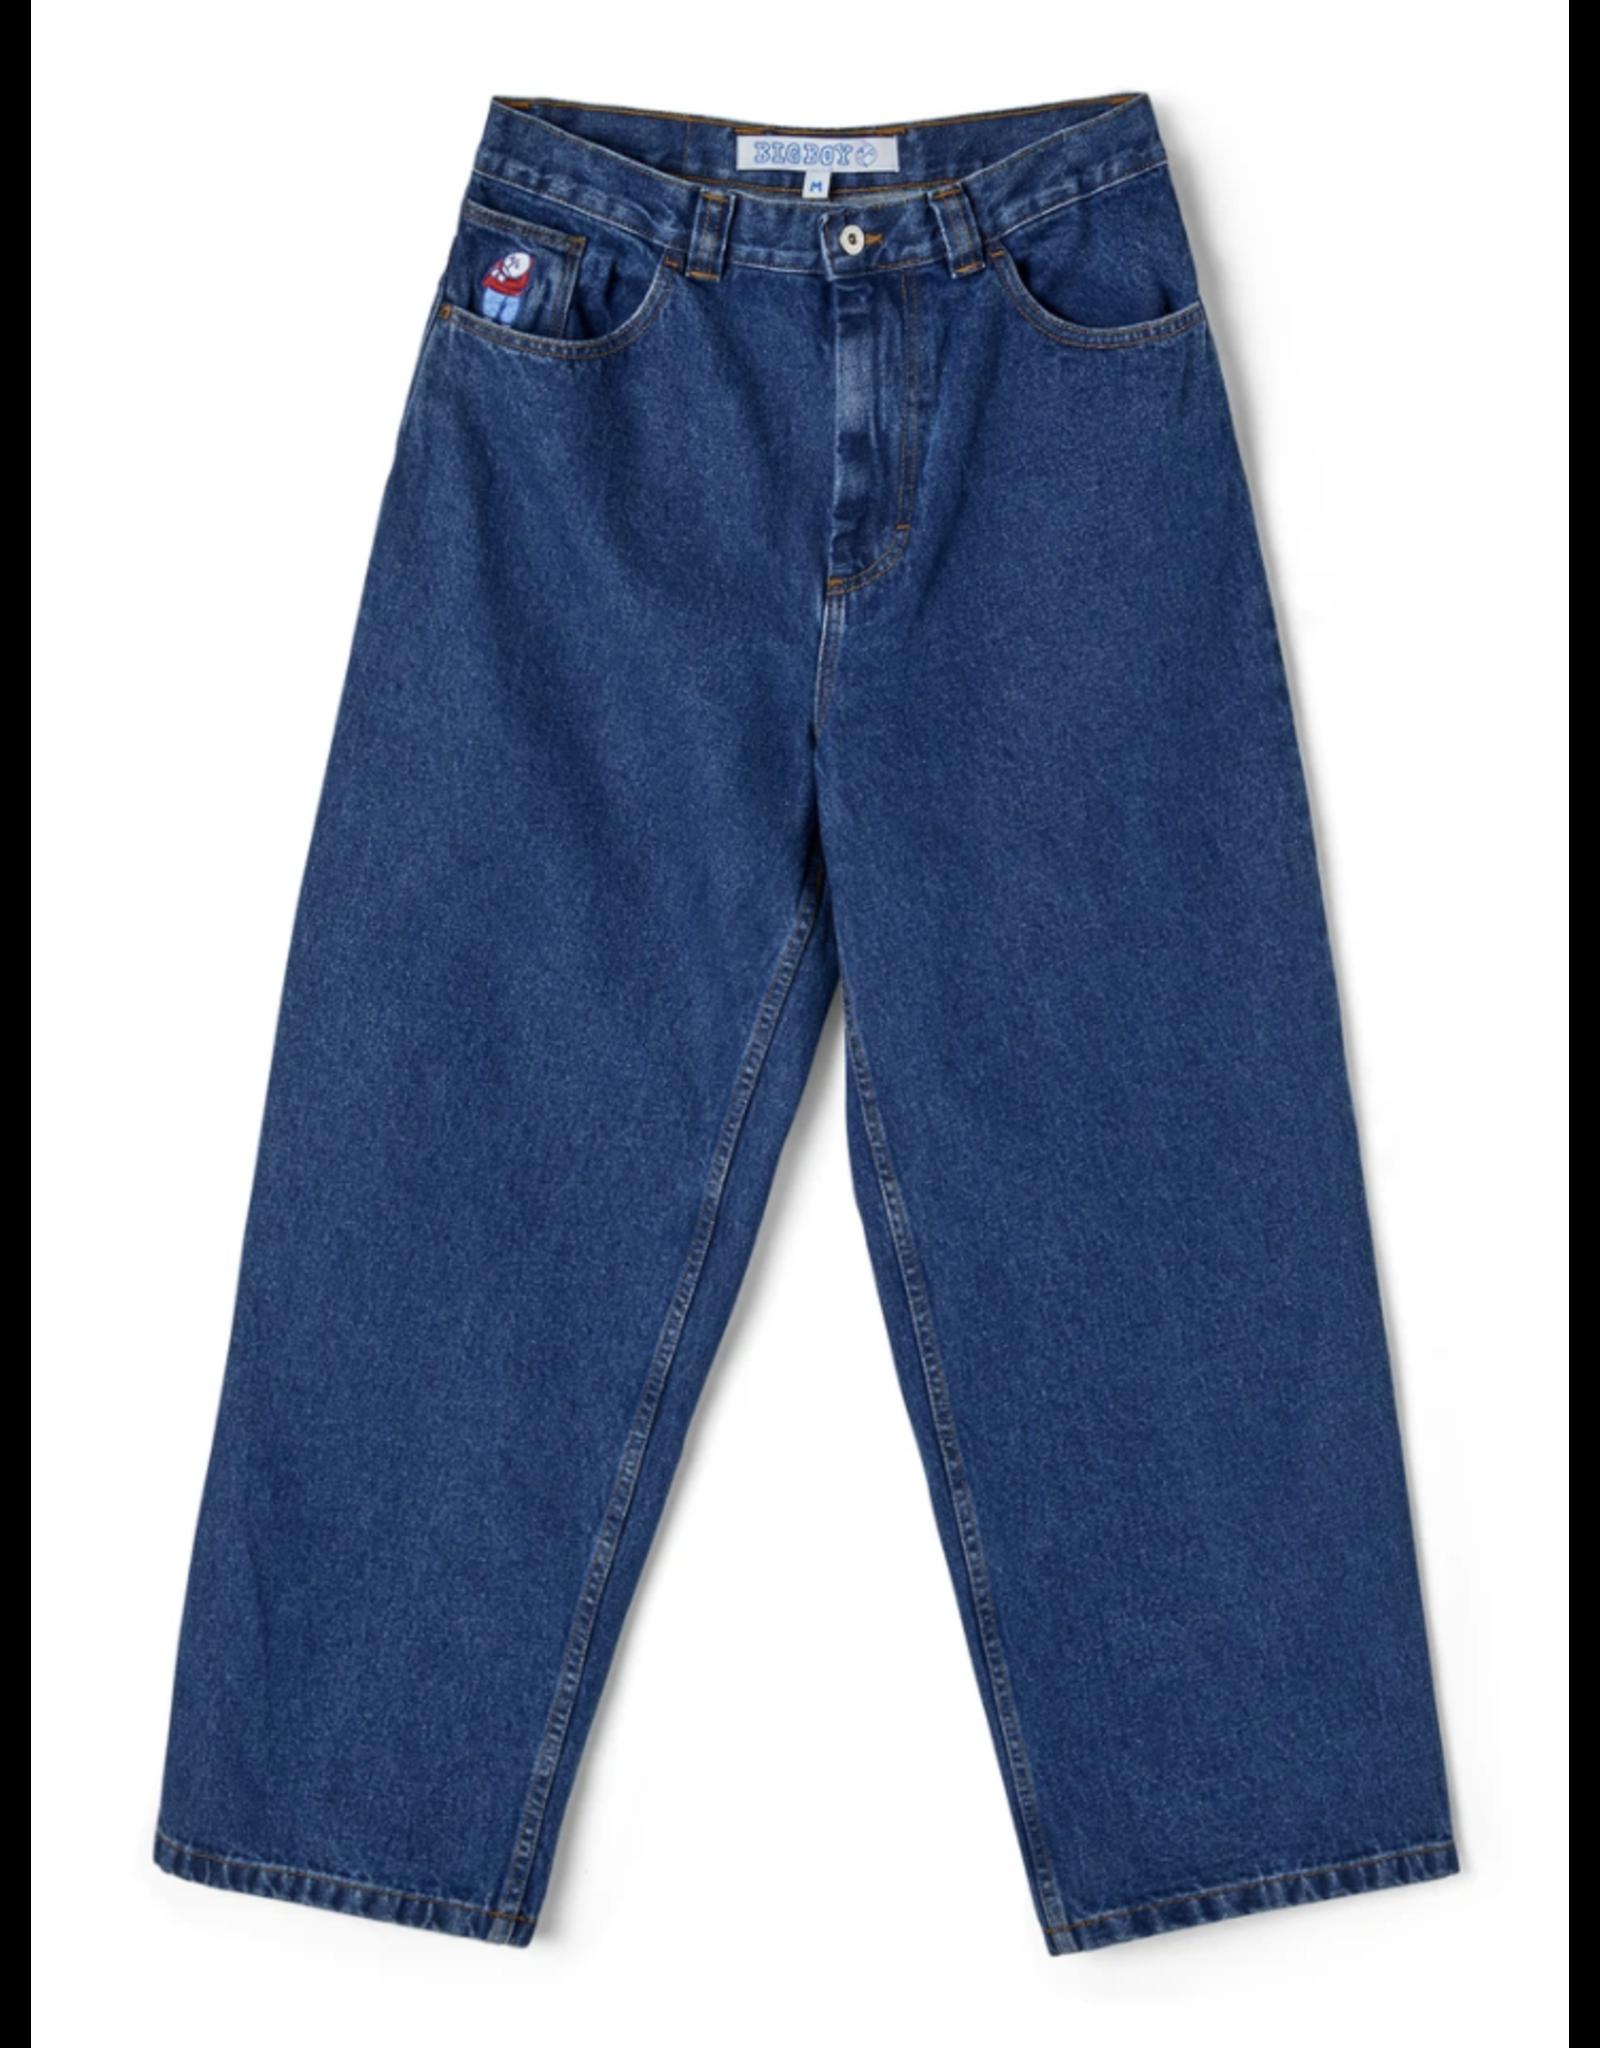 Polar Big Boy Jeans - Dark Blue